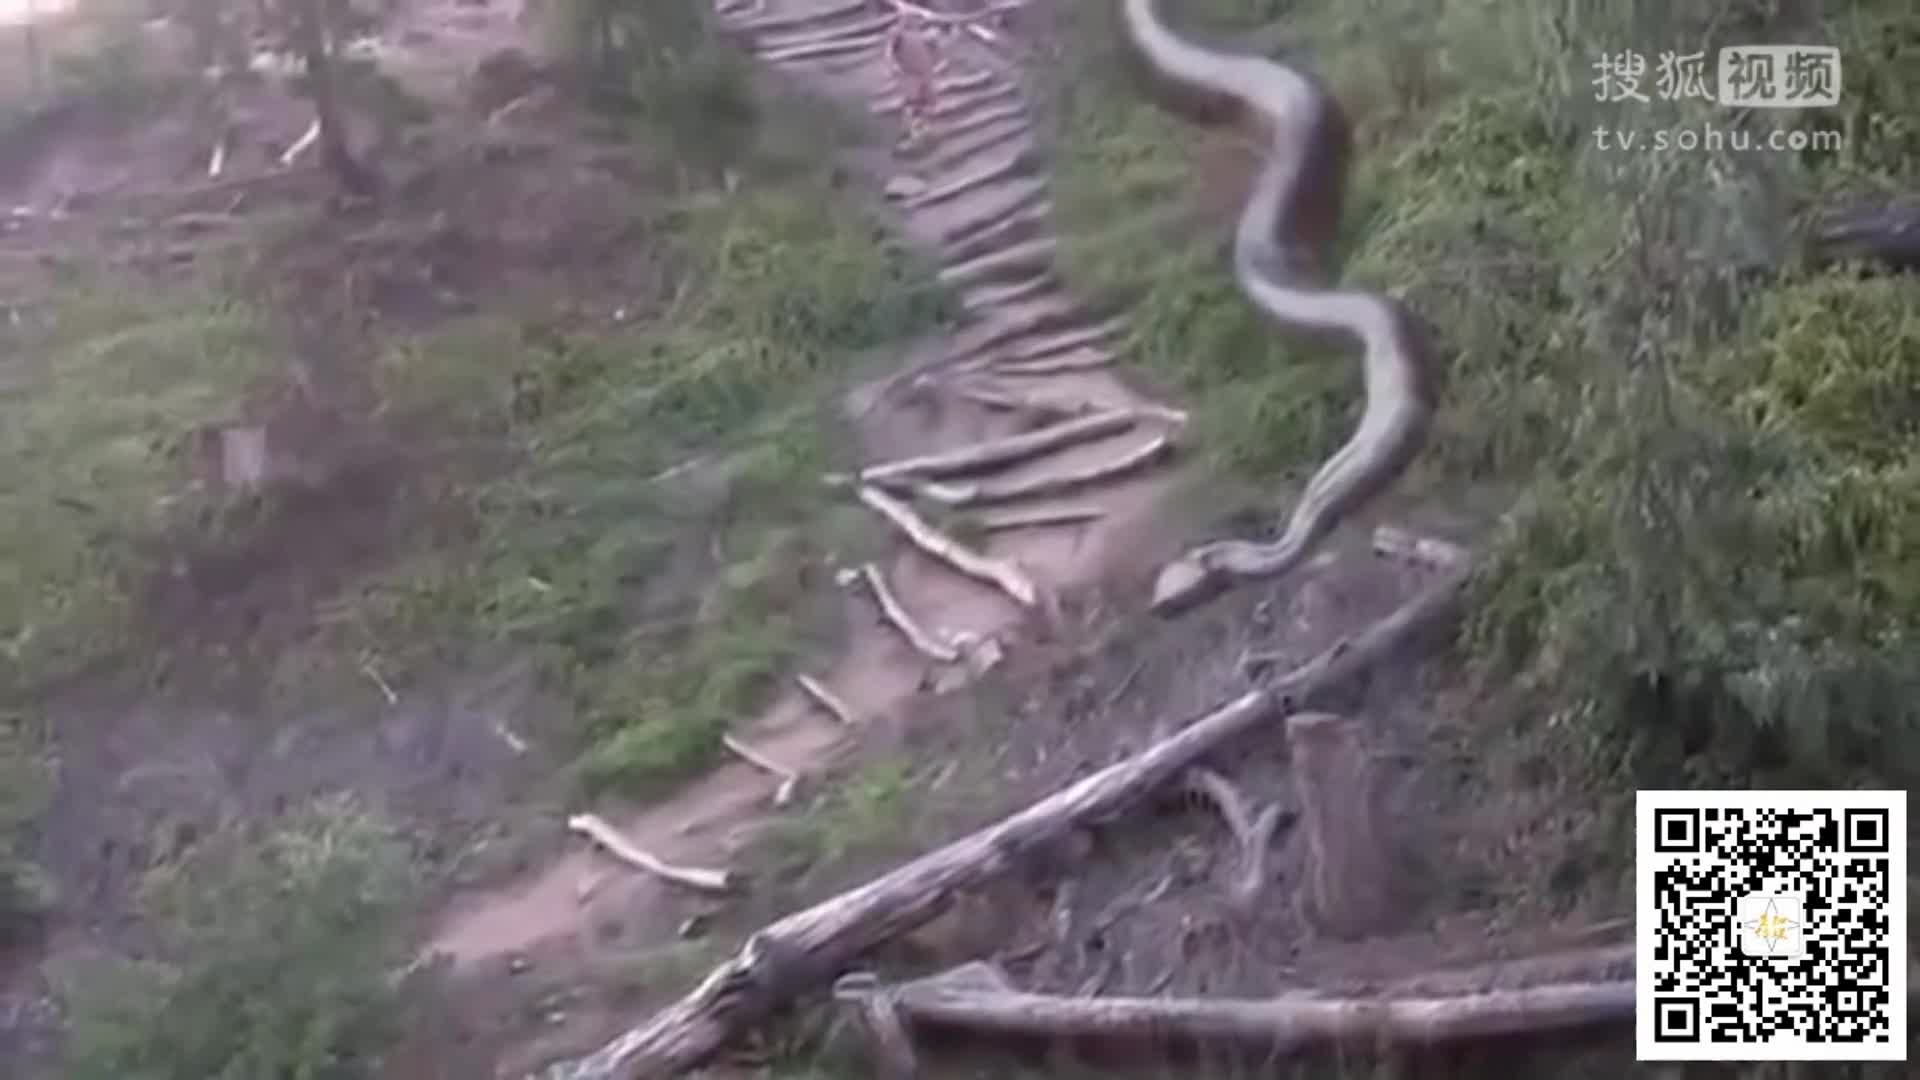 世界最大蛇?目测五十余米巨蛇横卧道旁吓坏路人